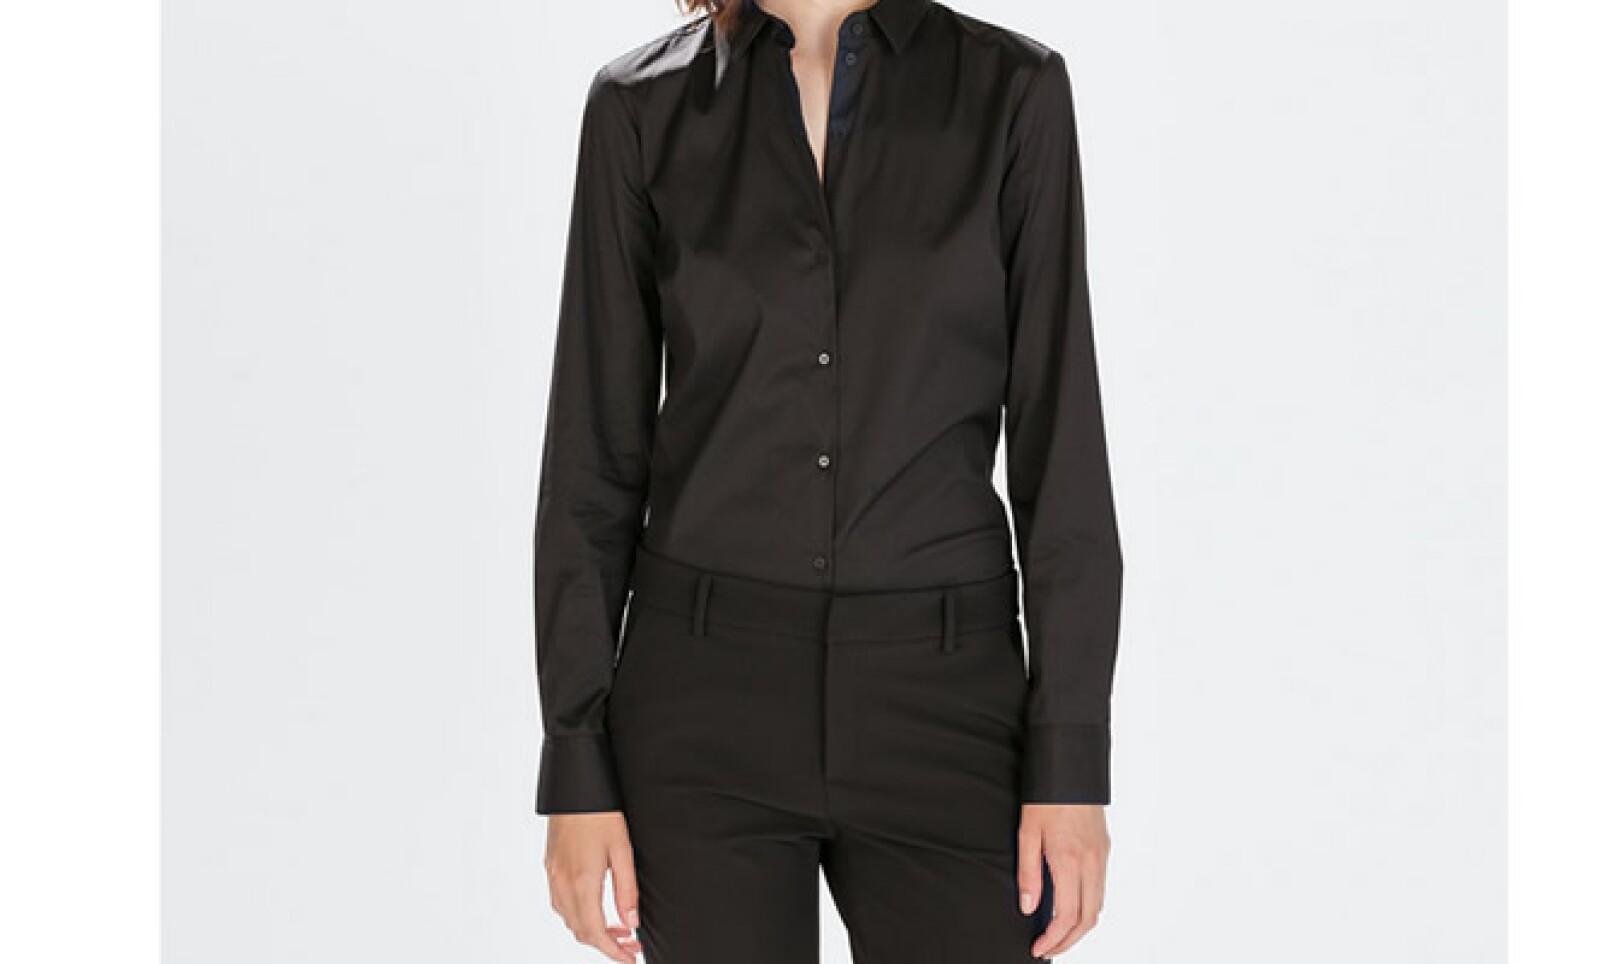 Las camisas son la pareja clásica para un traje sastre. Elige las de manga larga y un ajuste a tu medida.